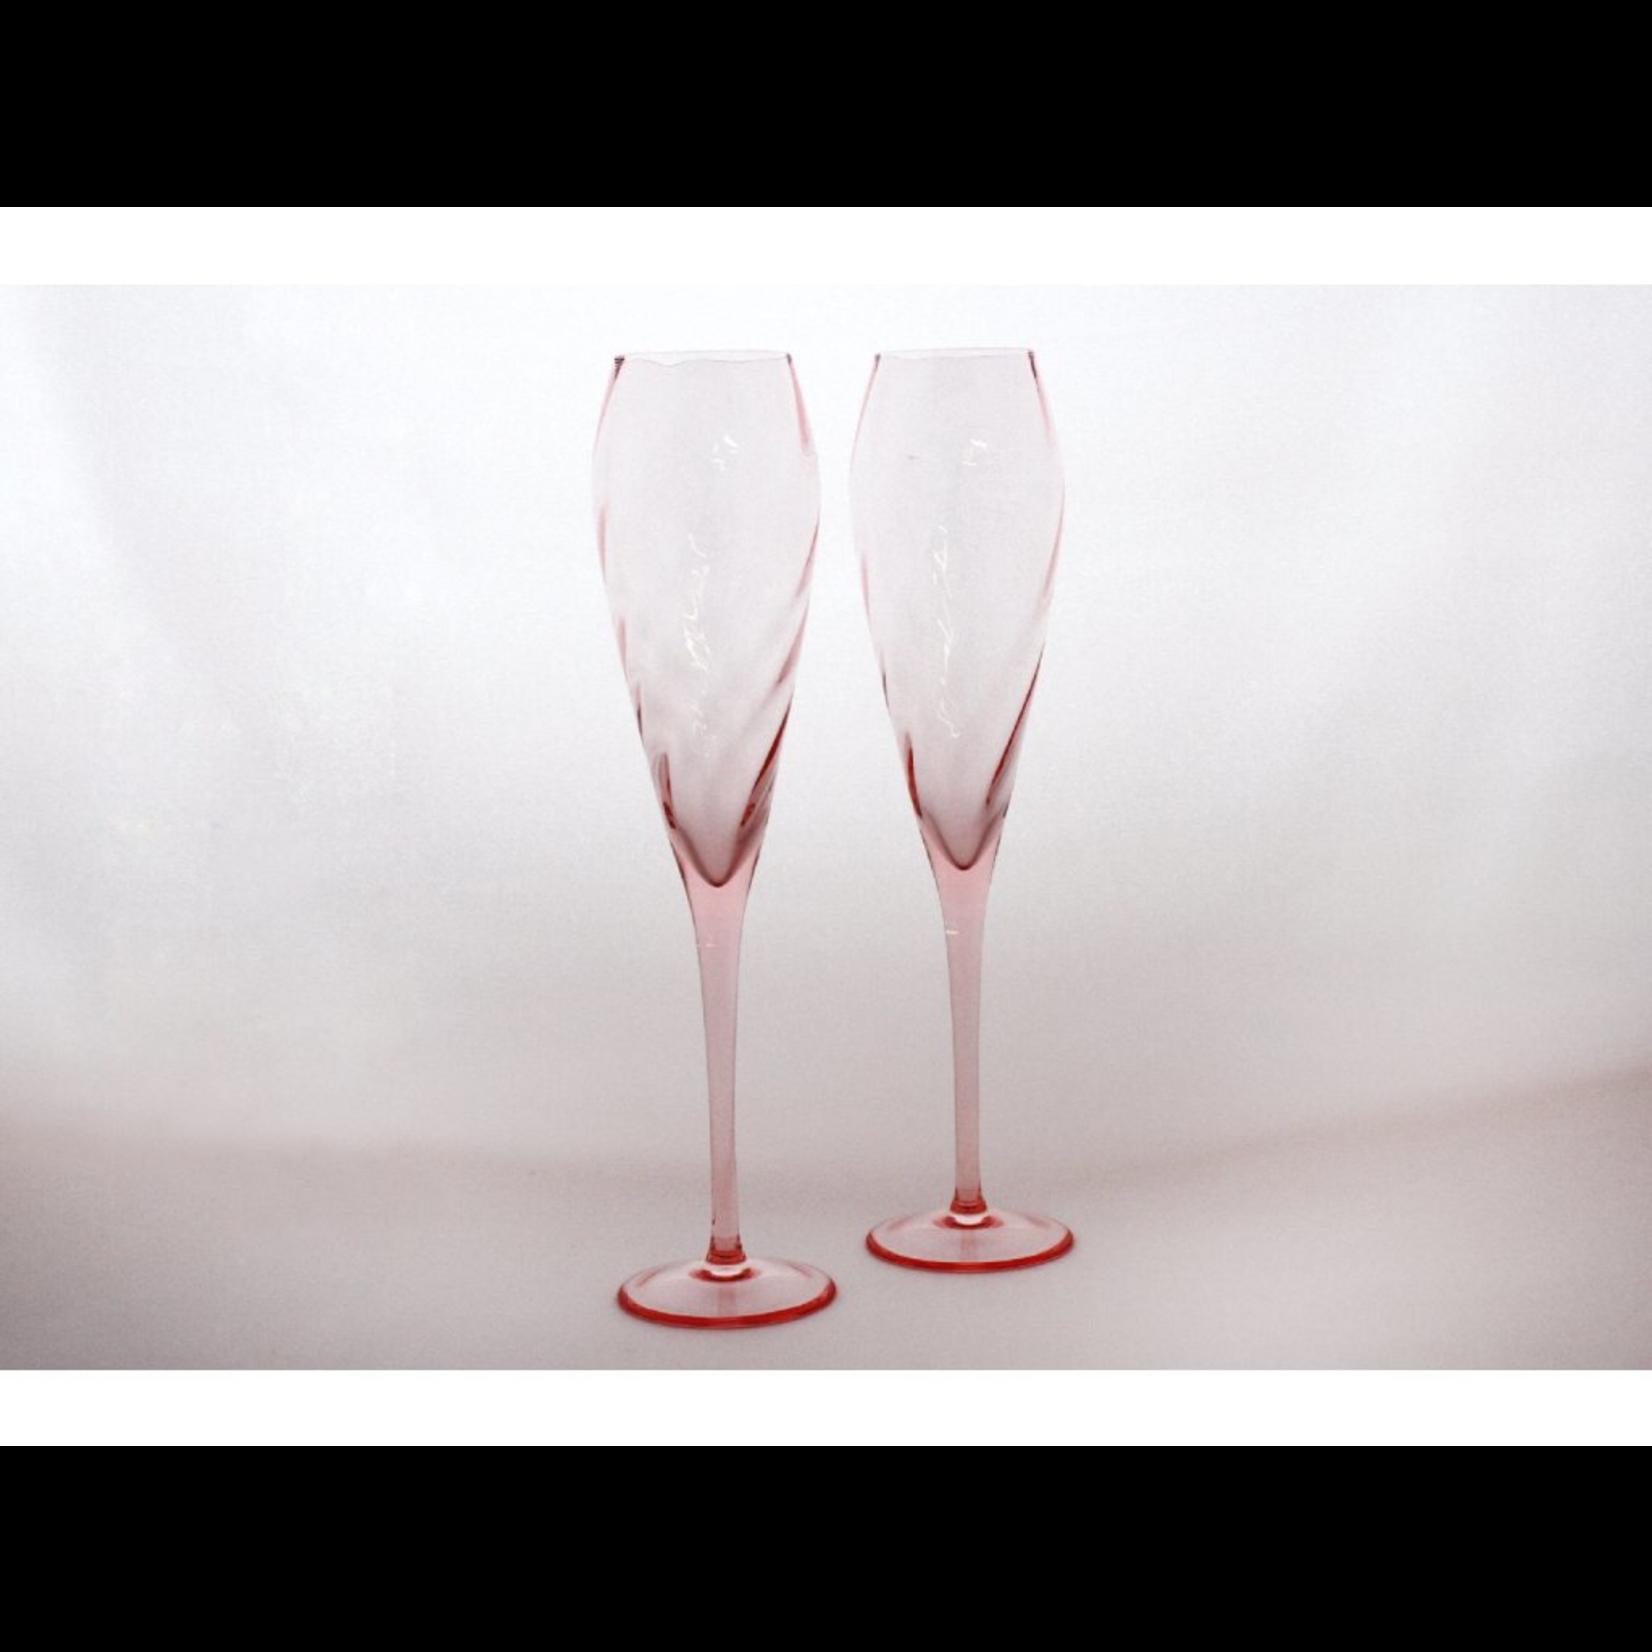 Skloglass Twist champagneglas / 2st